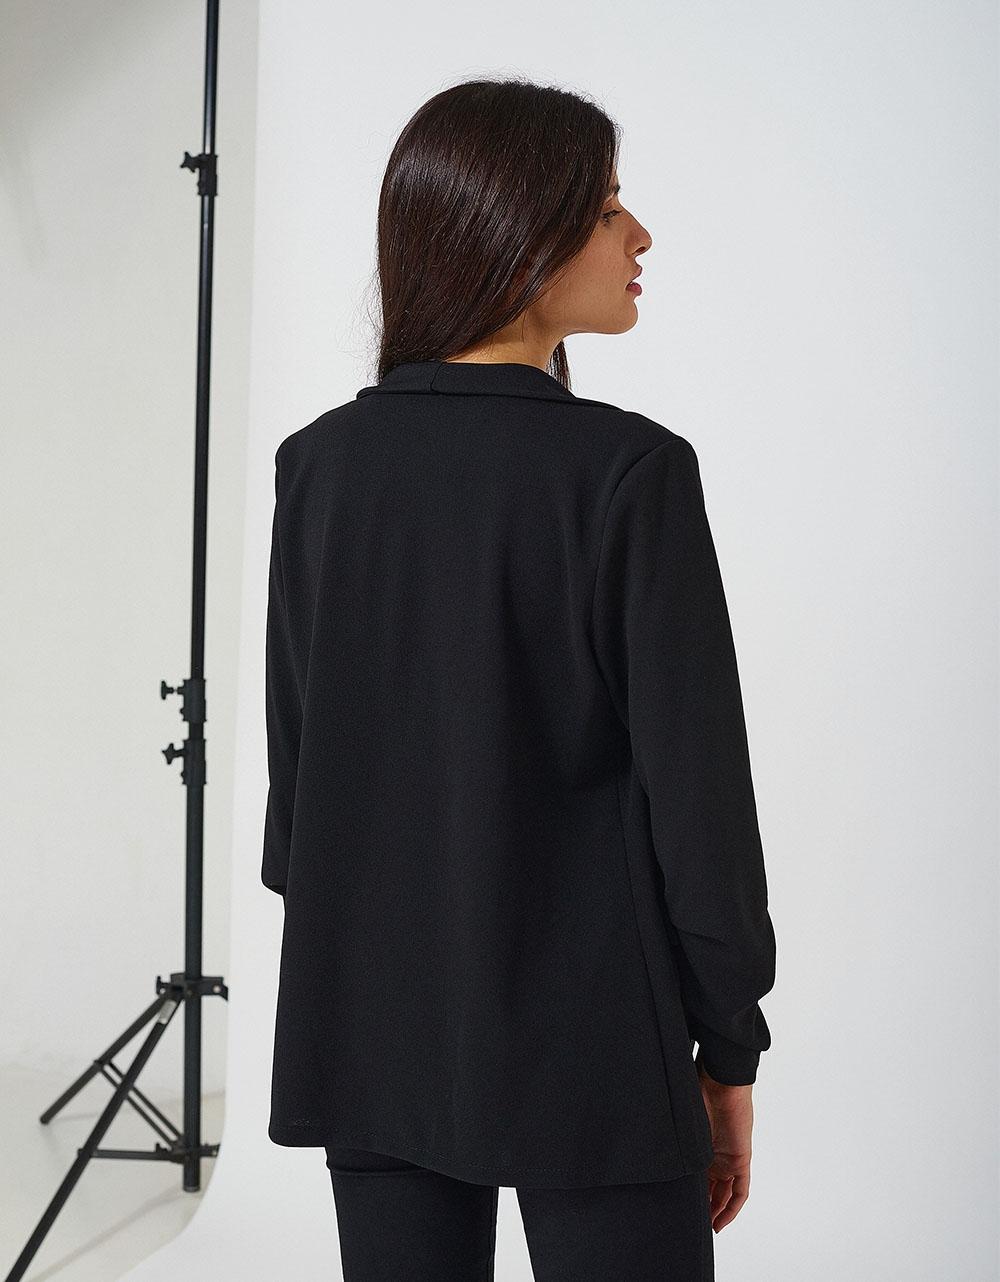 Εικόνα από Γυναικείο blazer με τσέπες Μαύρο